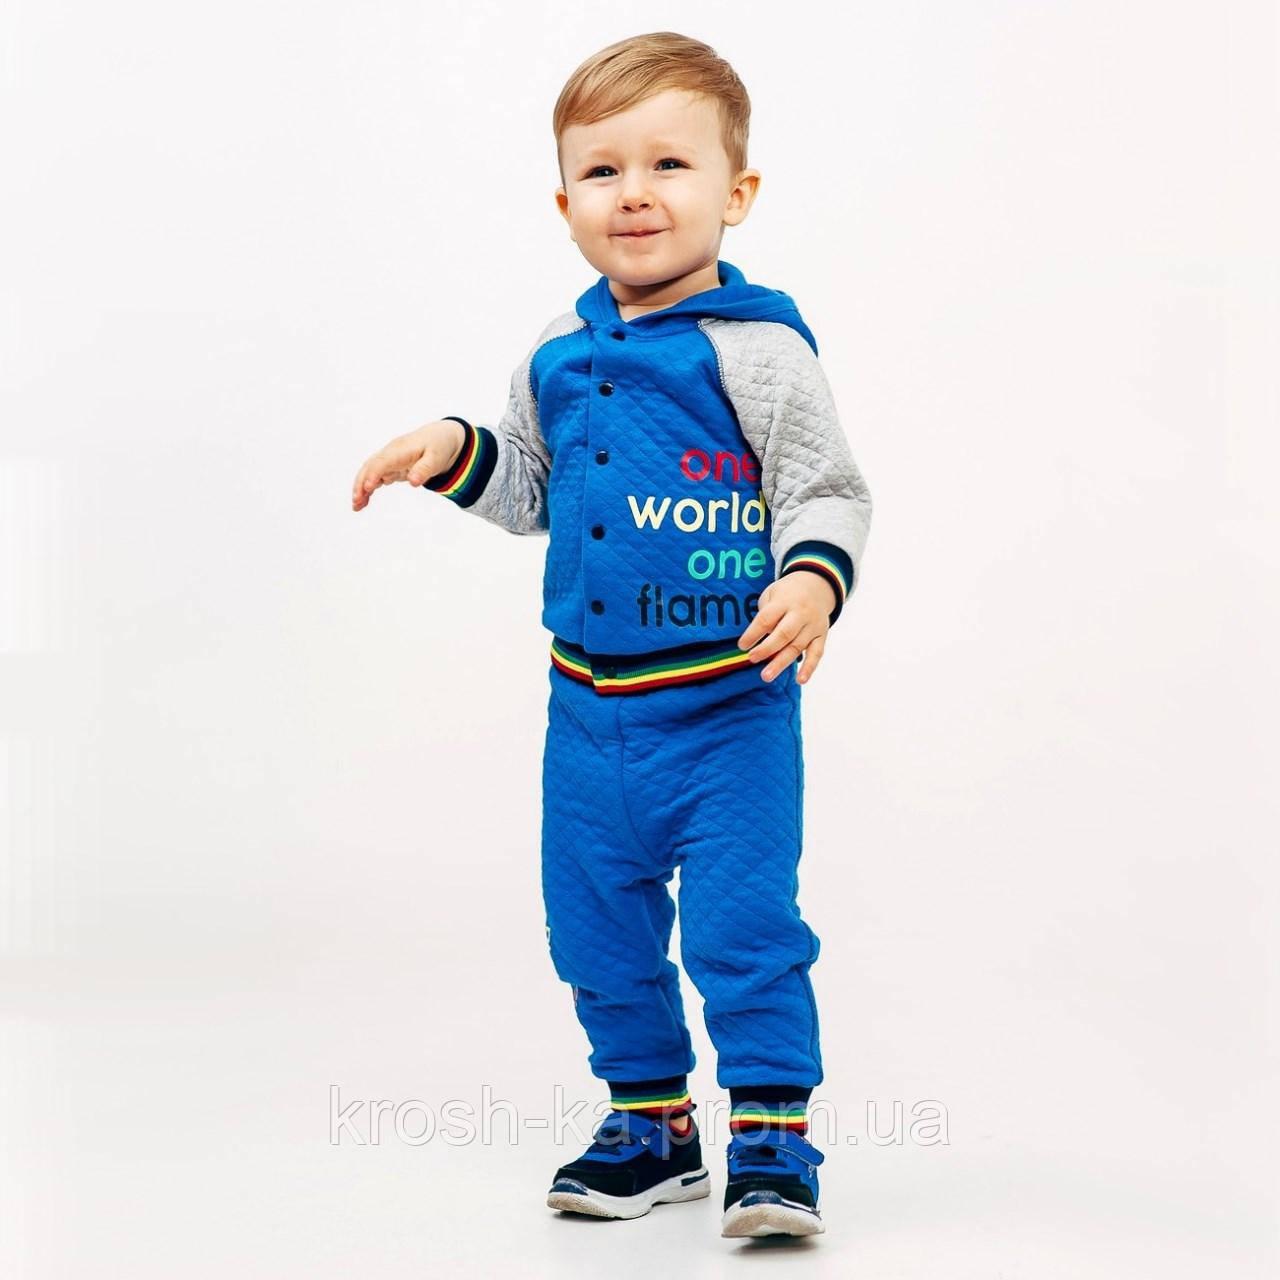 Костюм для мальчика с капюшоном синий капитон (68-86)р Smil(Смил) Украина 117184